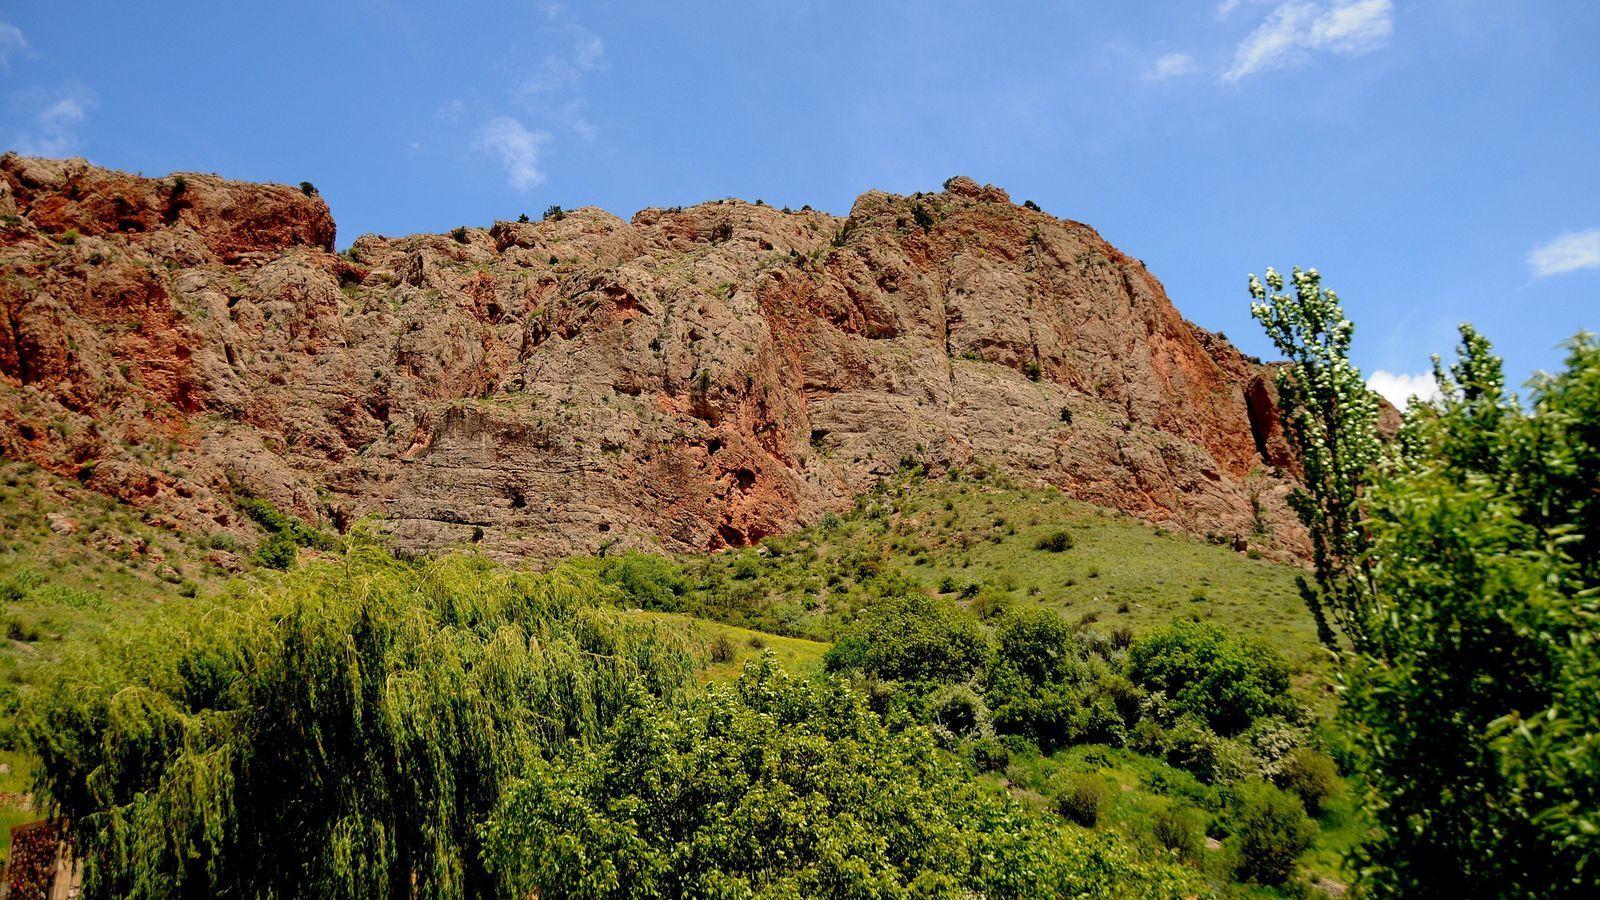 Faisant face à des falaises de calcaire ocre et grises